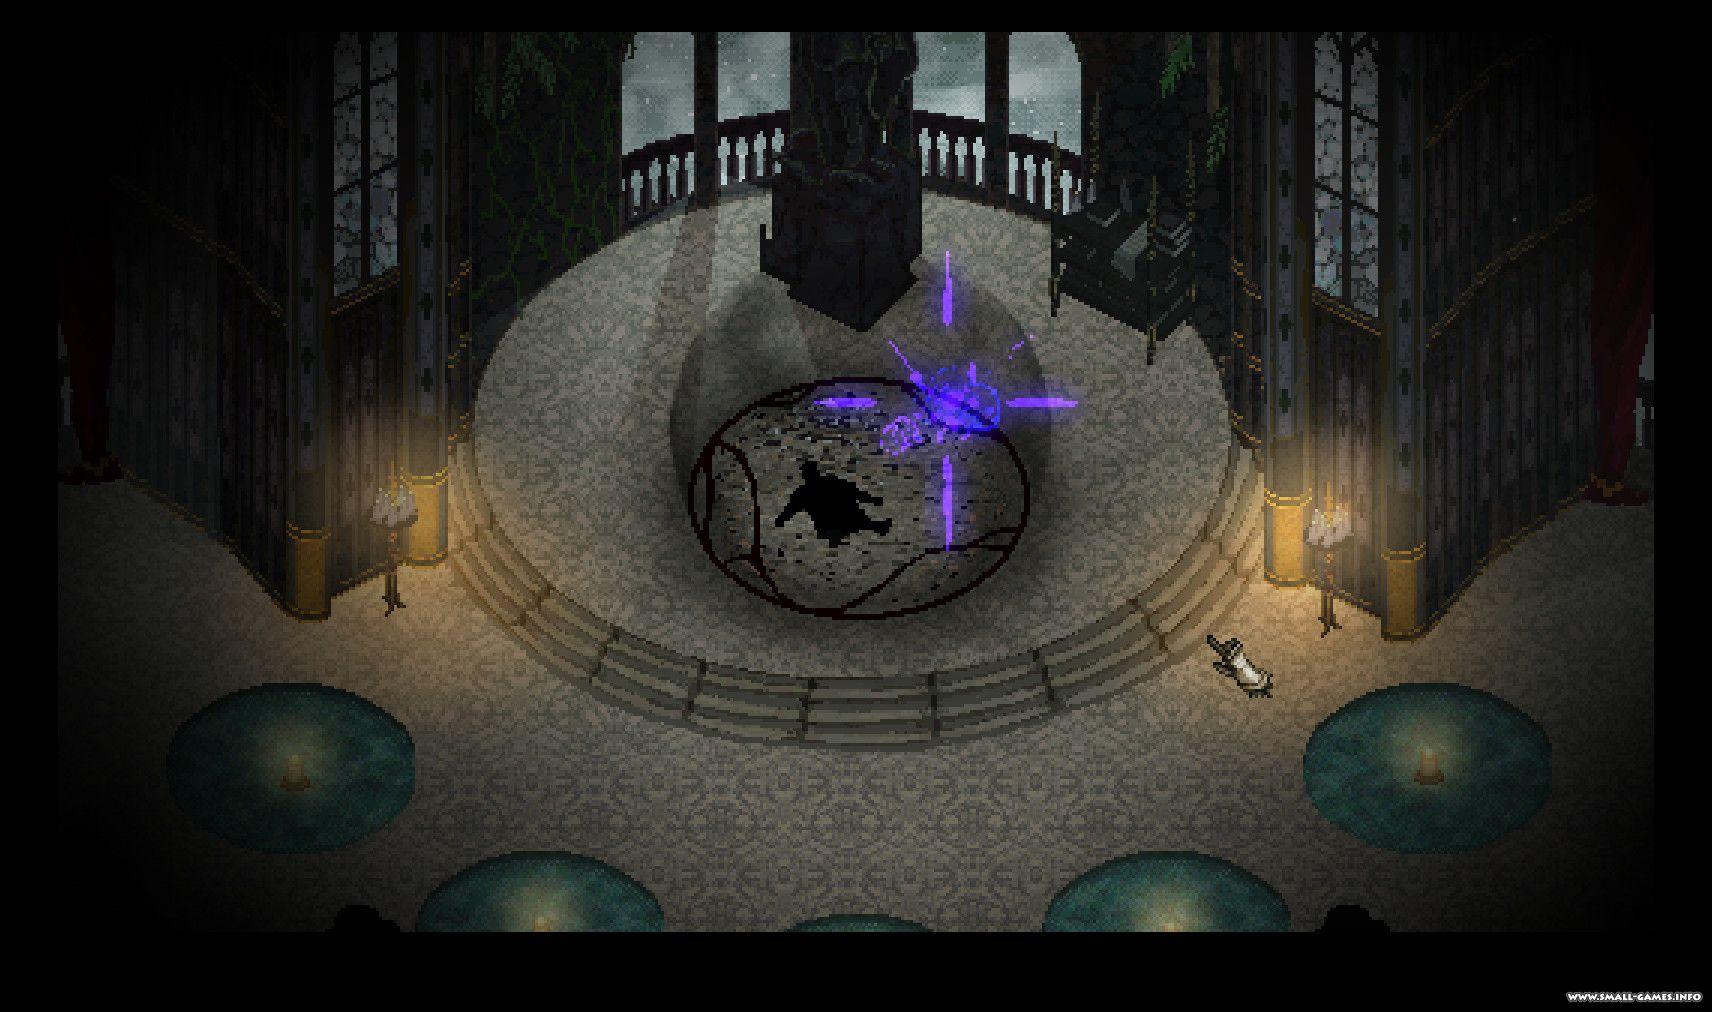 serpent_in_the_staglands_12.jpg